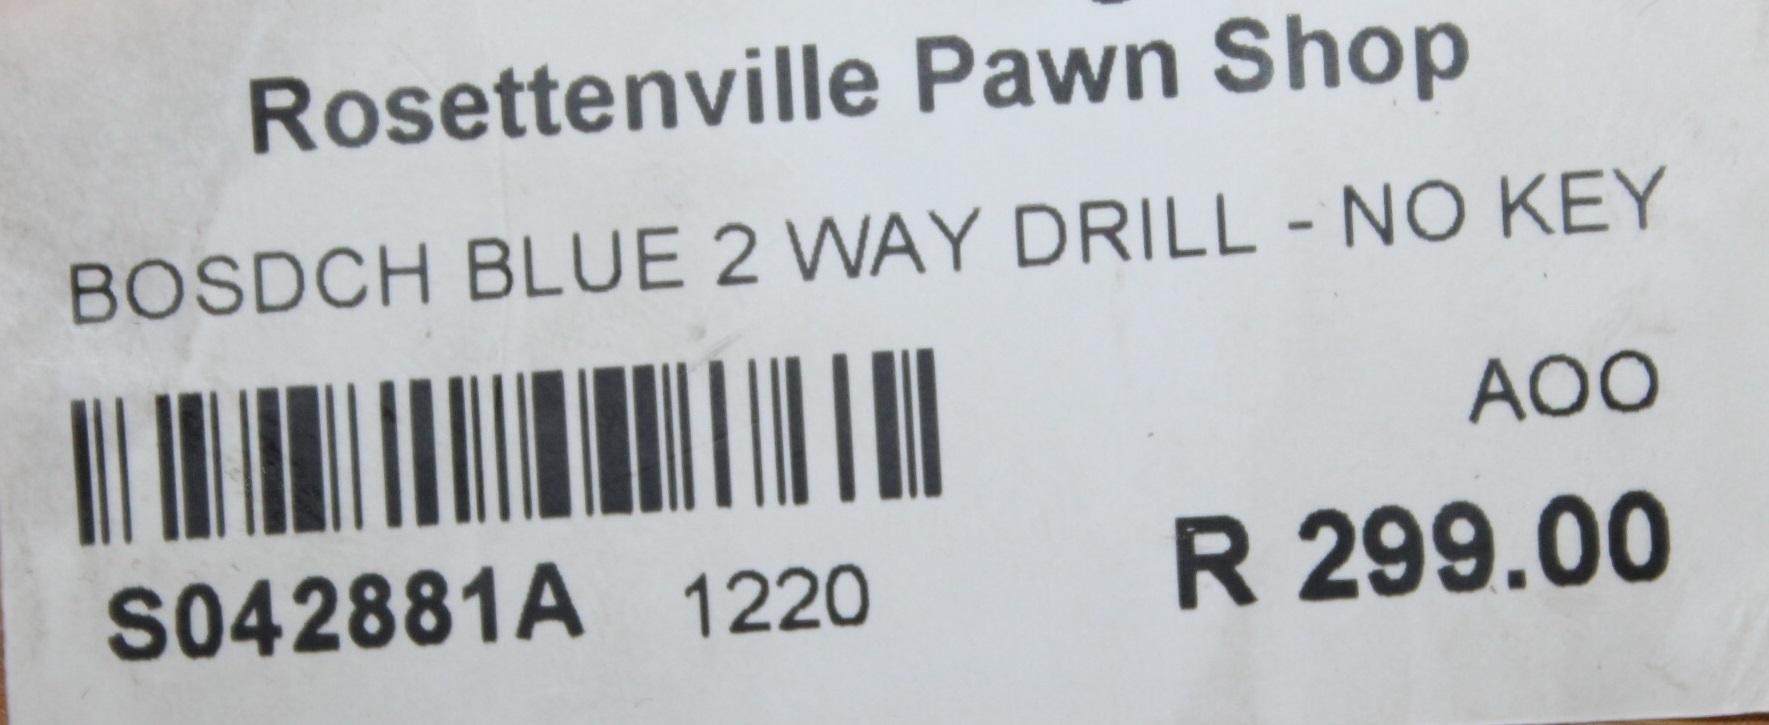 Bosch blue 2 way drill S042881A #Rosettenvillepawnshop